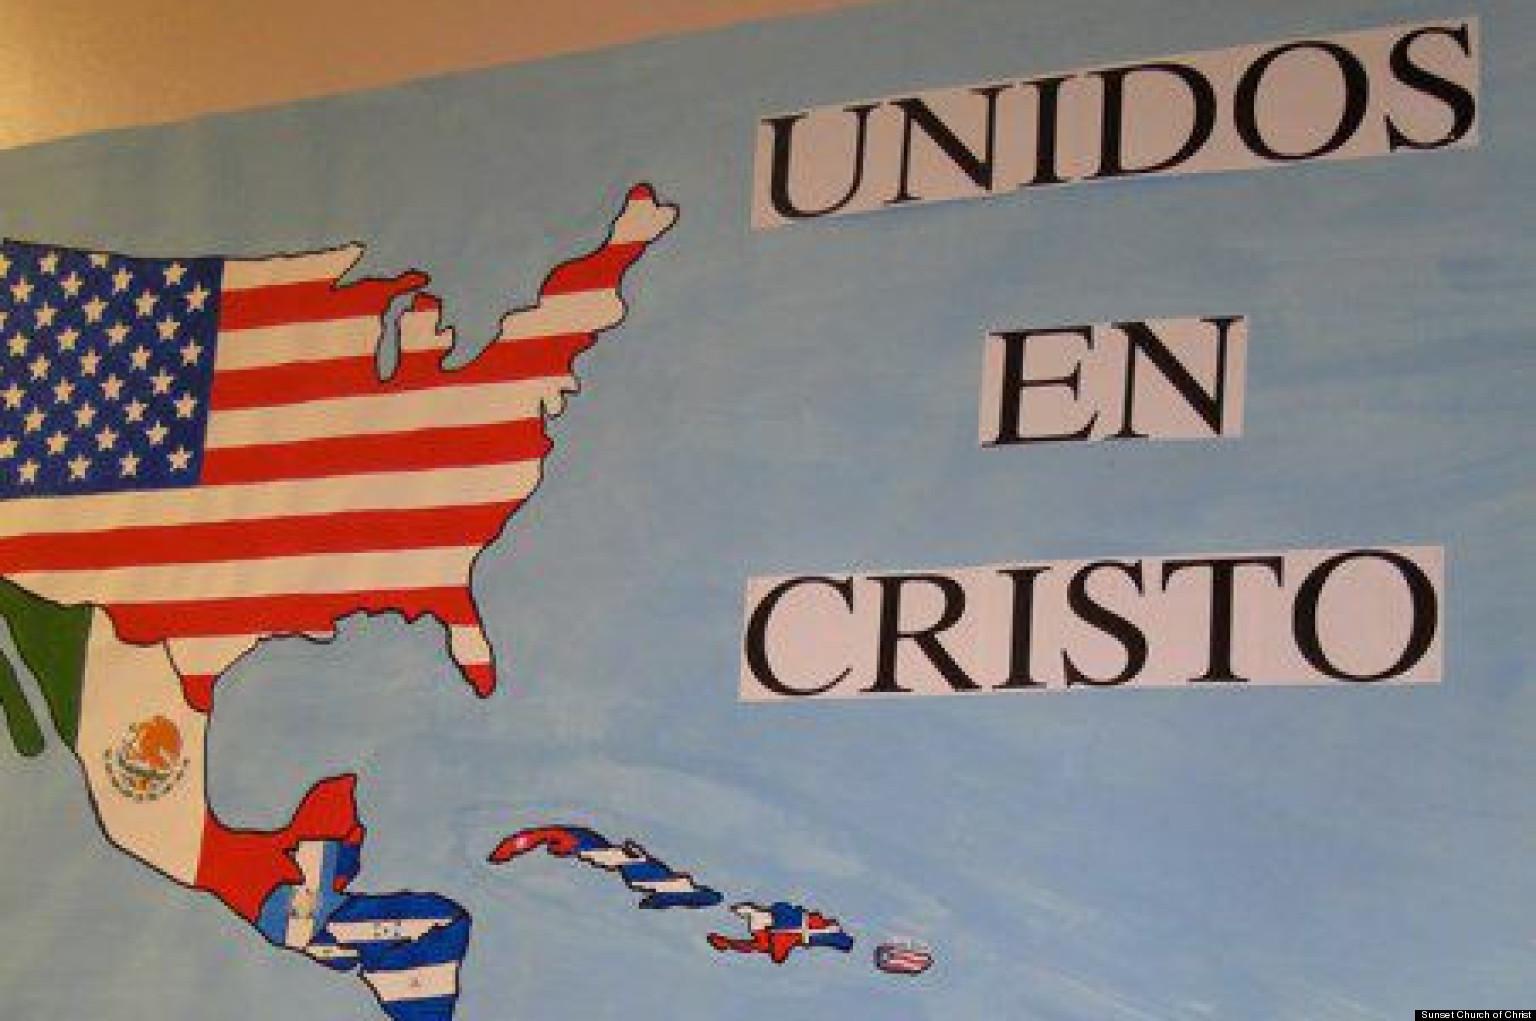 Hispanic Churches Historically Spanish Speaking Adopt More English 1536x1021